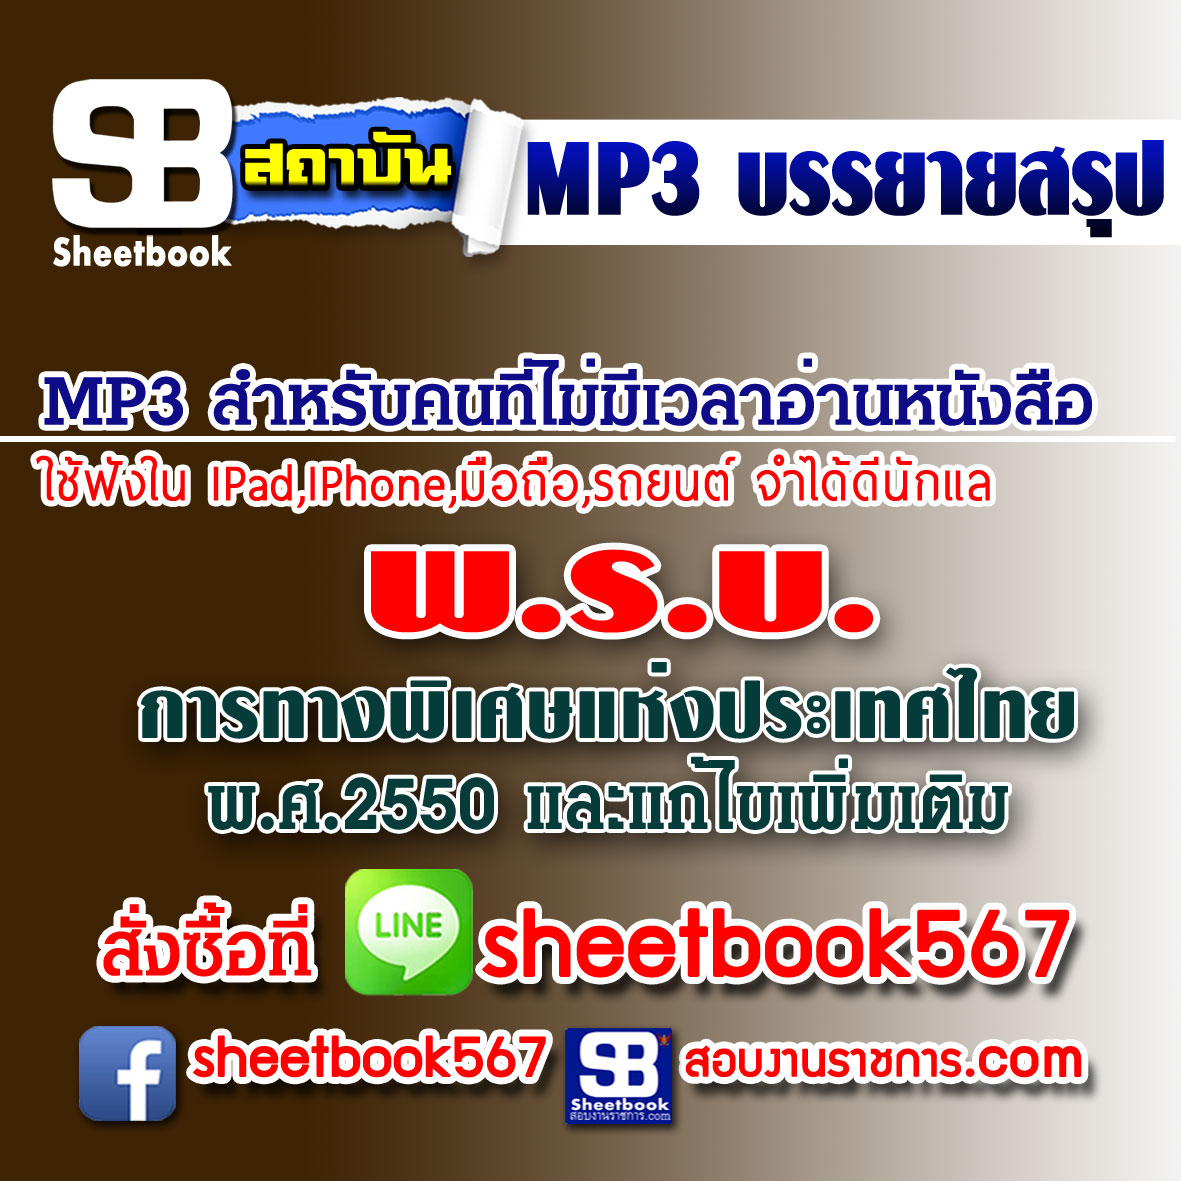 P040 - พรบ.การทางพิเศษแห่งประเทศไทย พ.ศ.2550